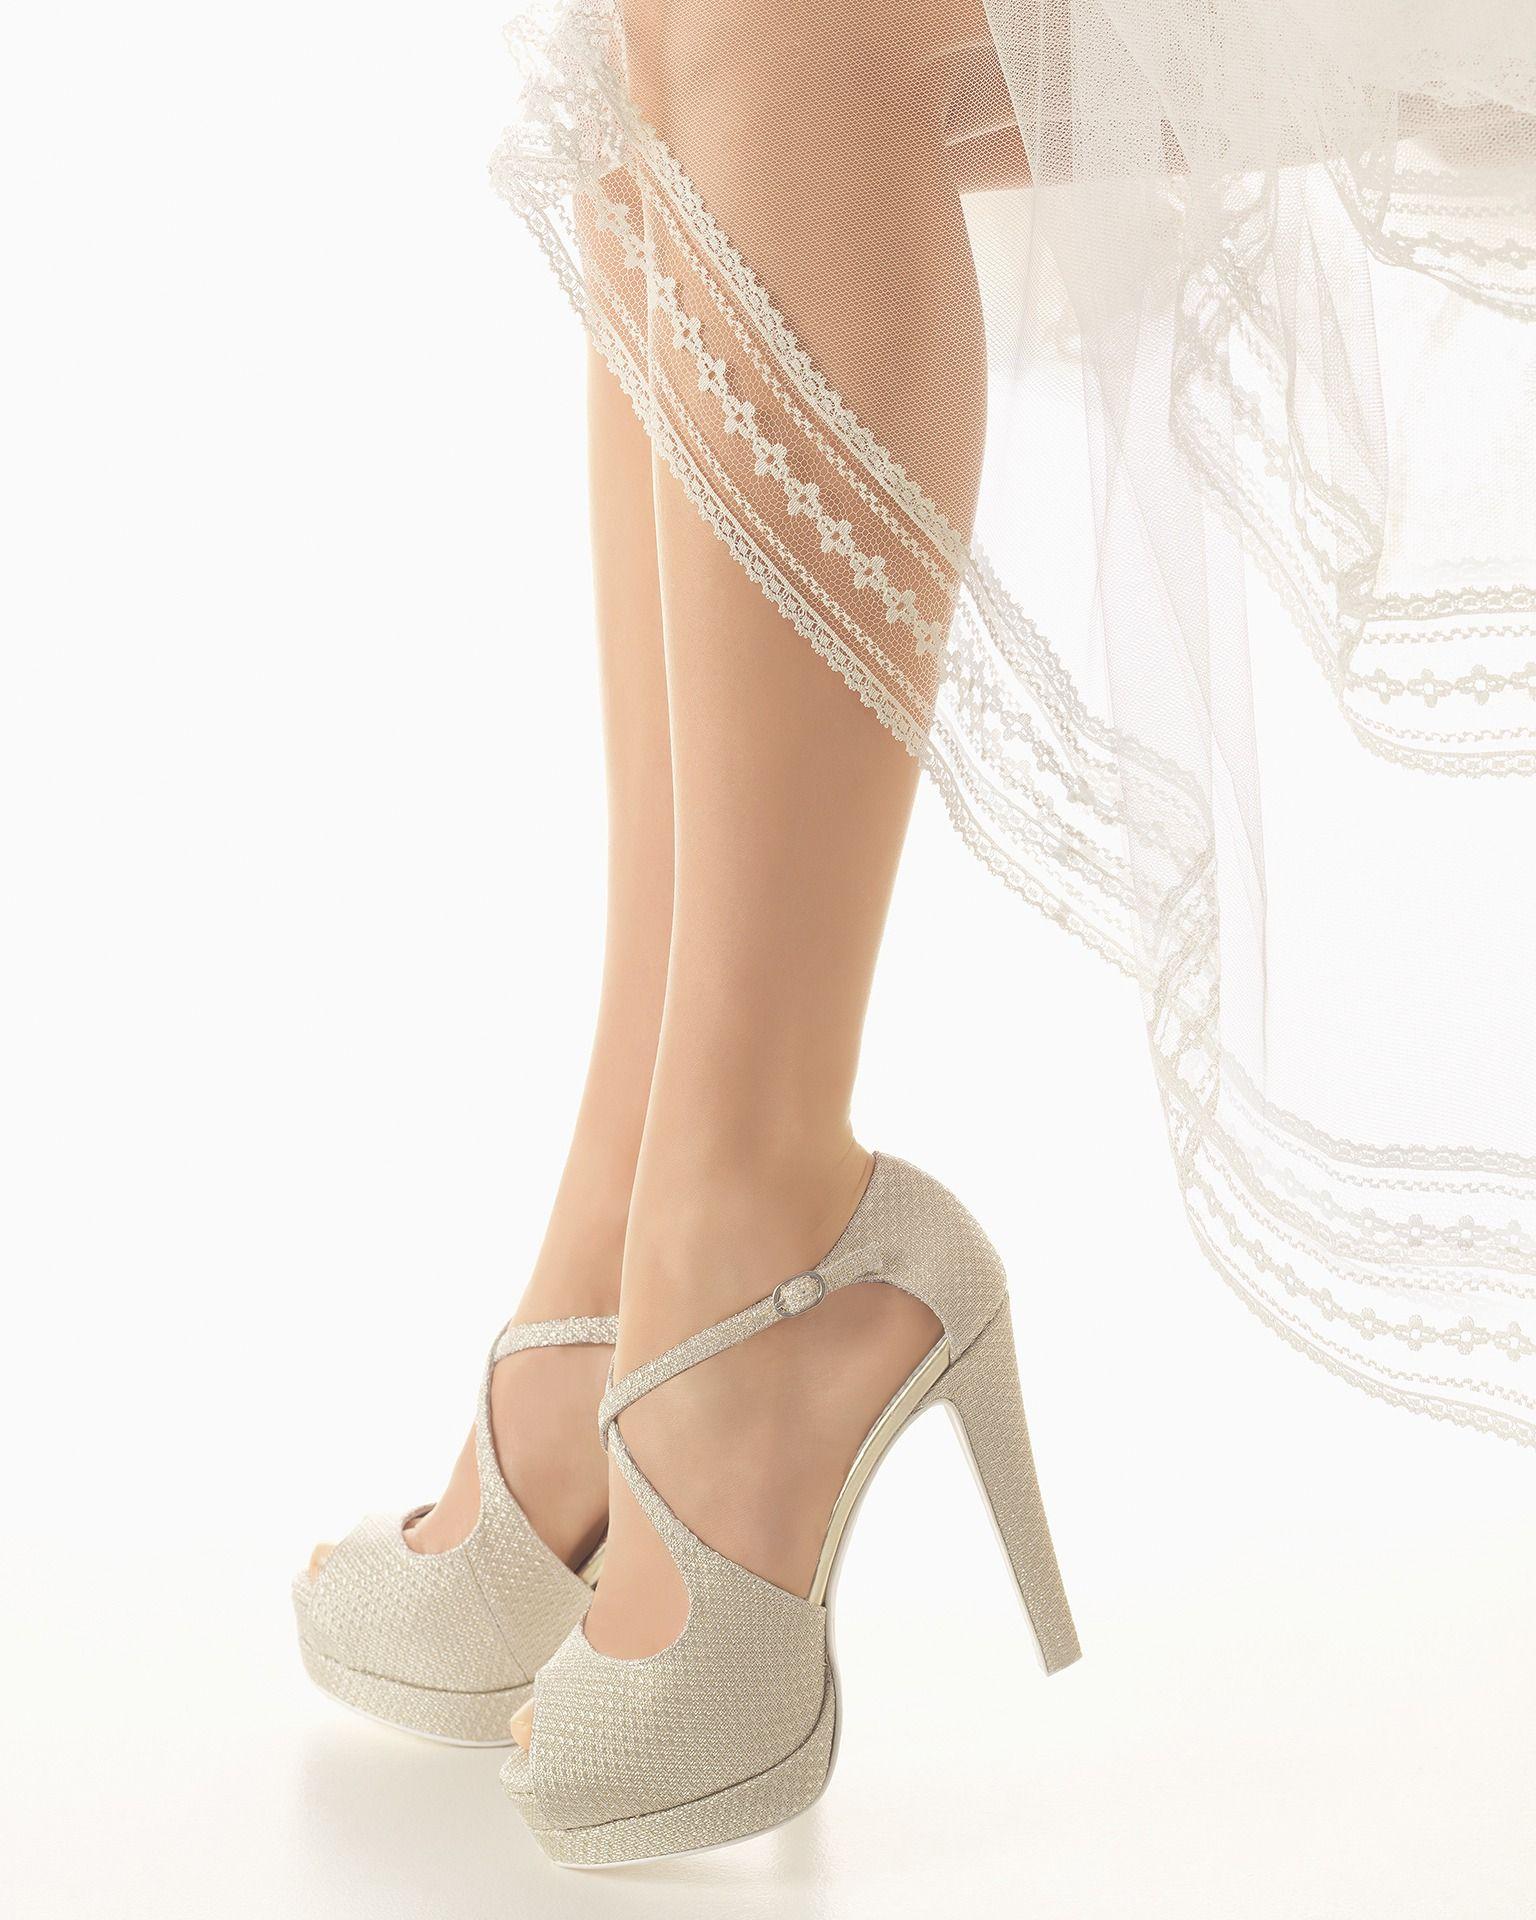 Vestidos de novia y vestidos de fiesta | Zapatos de novia, Rosa ...